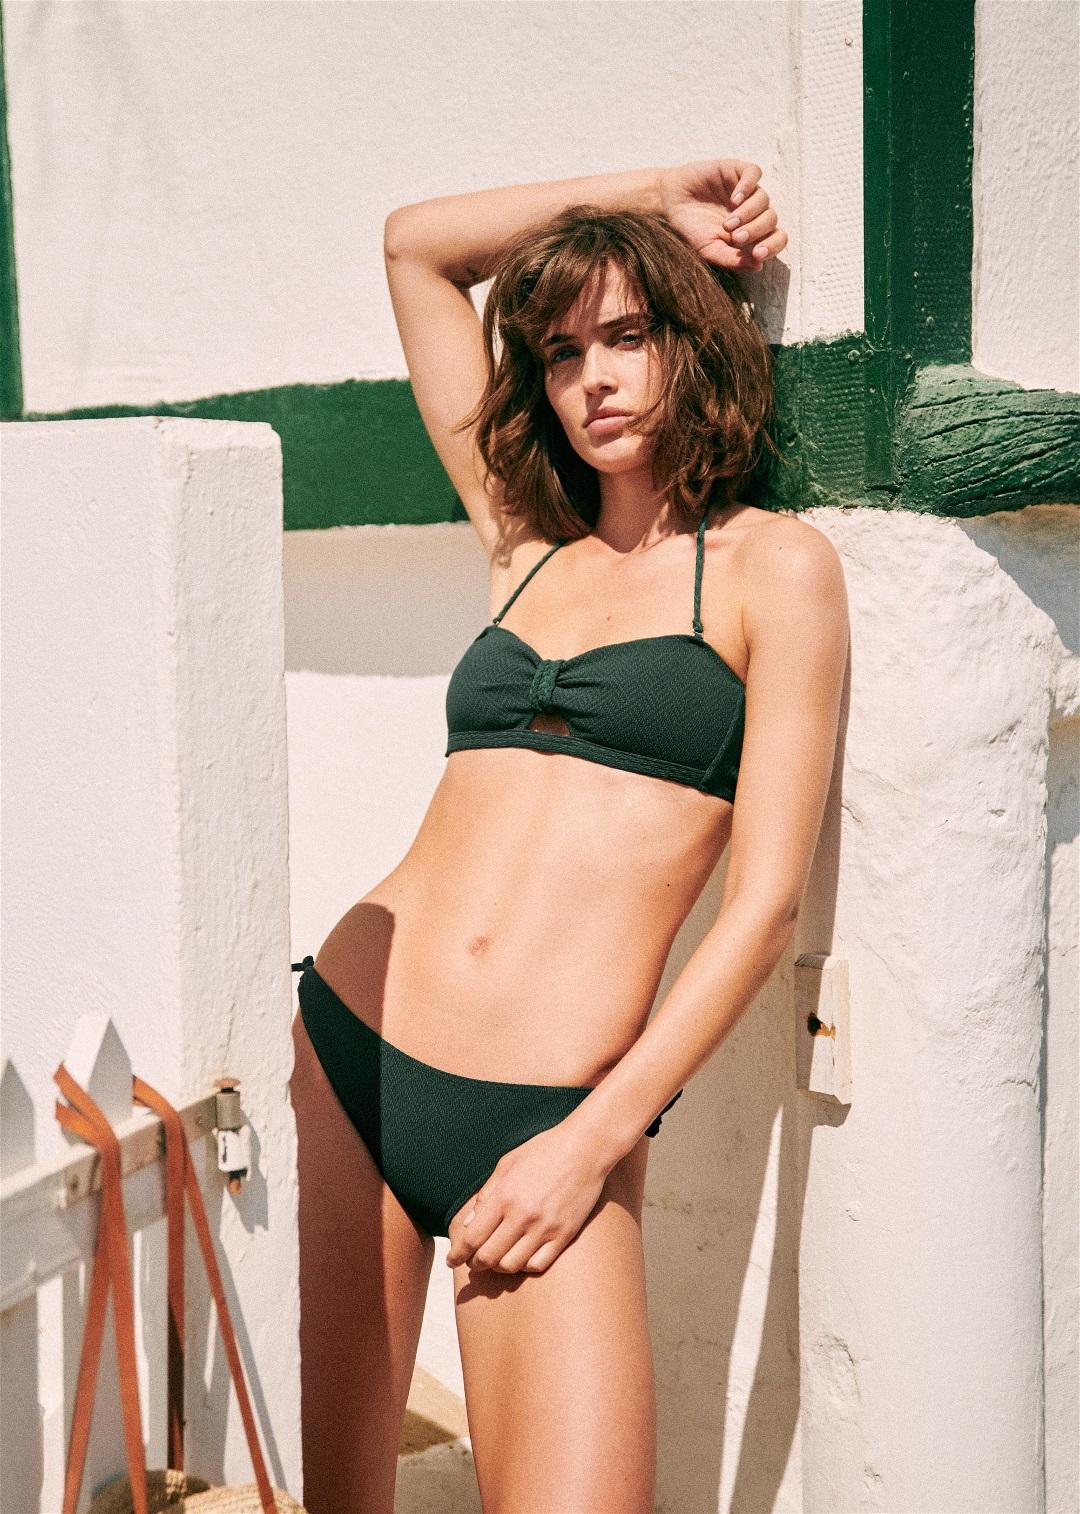 f9e4821ed4 Eshop · Swimwear; Phèdre bikini top - Sézane x Ysé